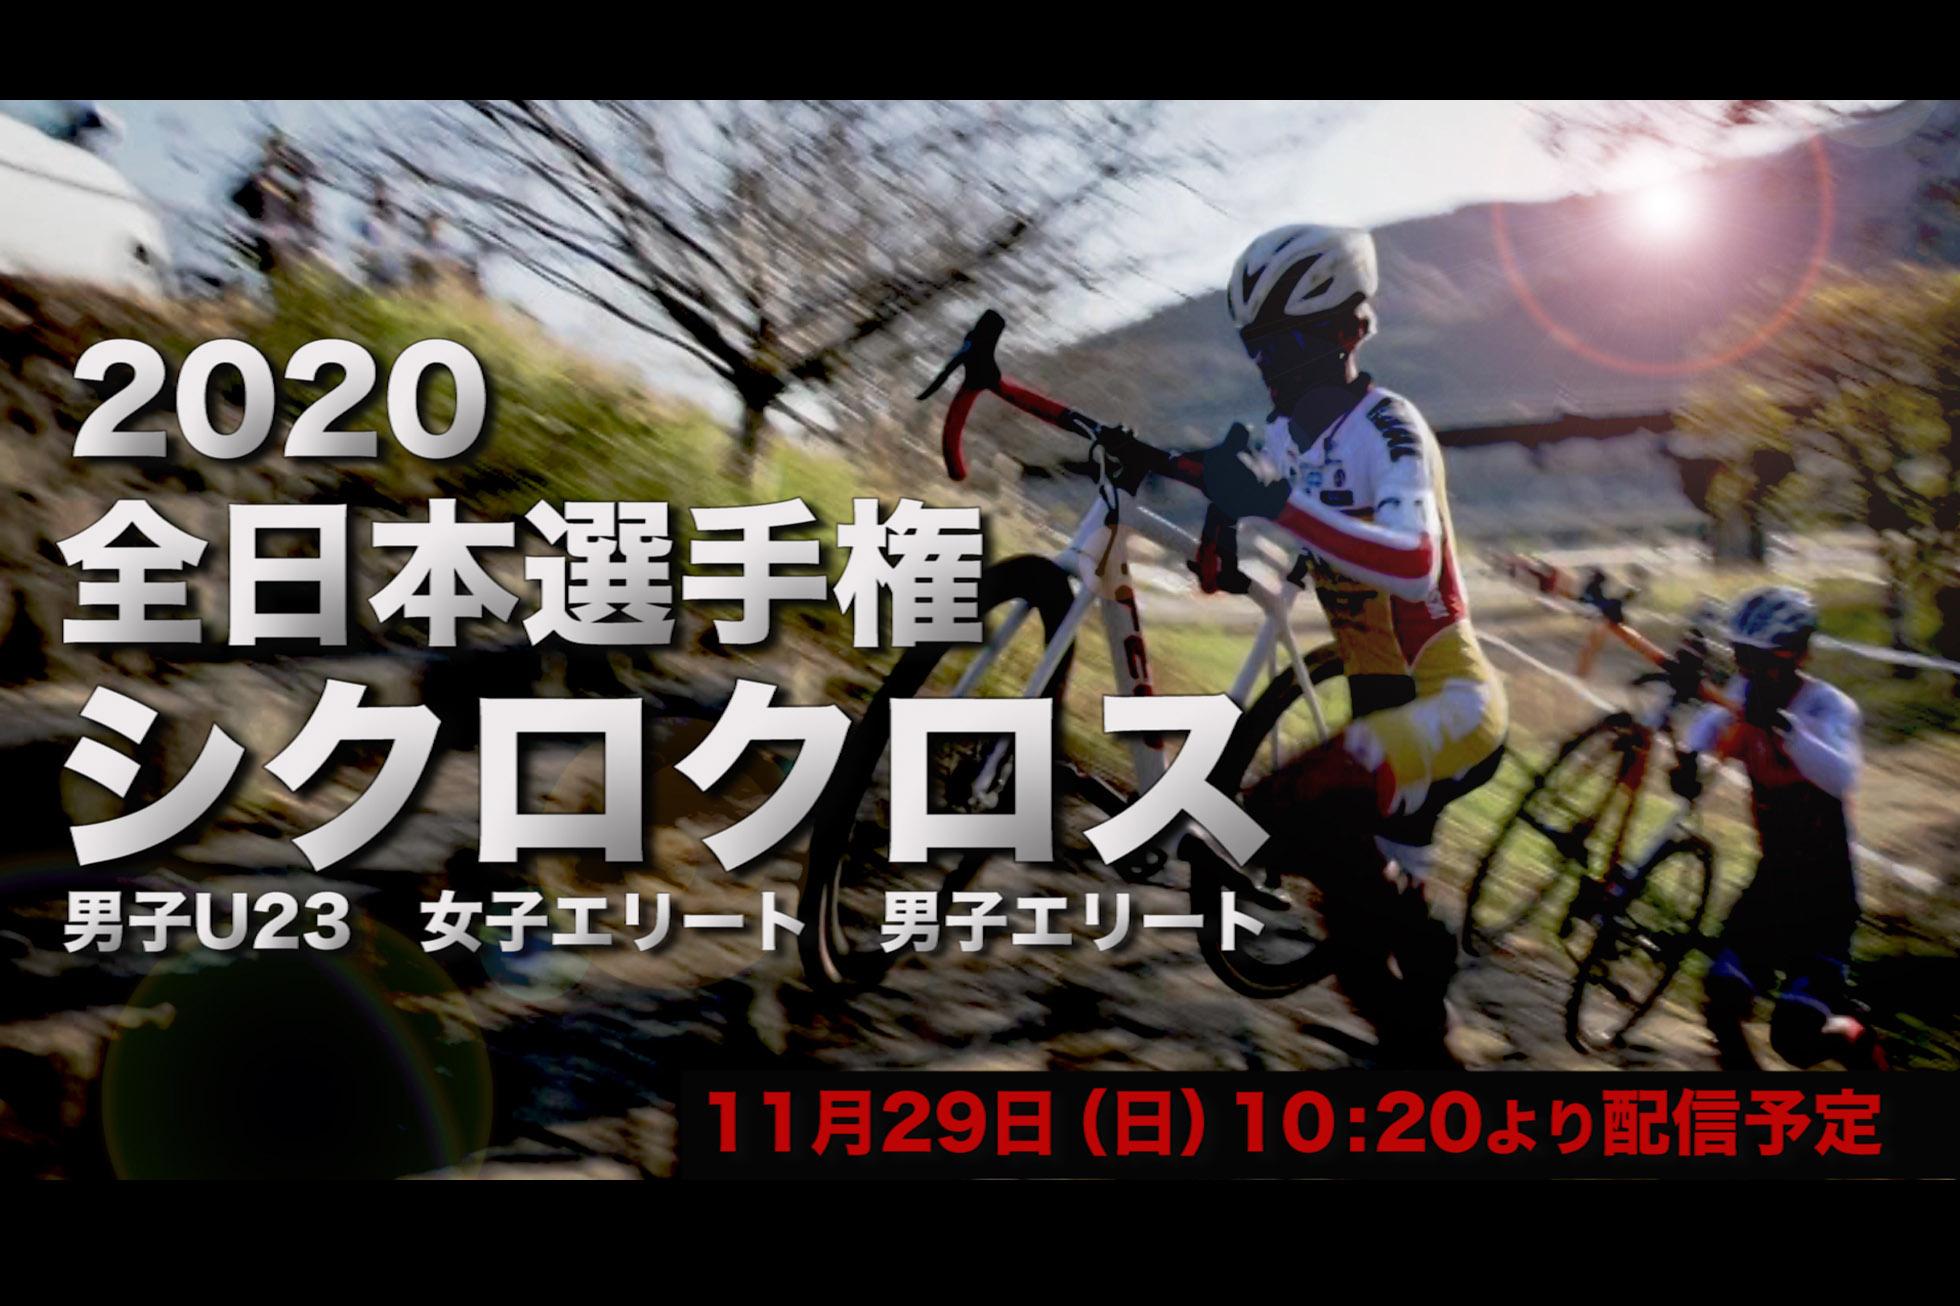 シクロクロス, シクロクロス全日本選手権